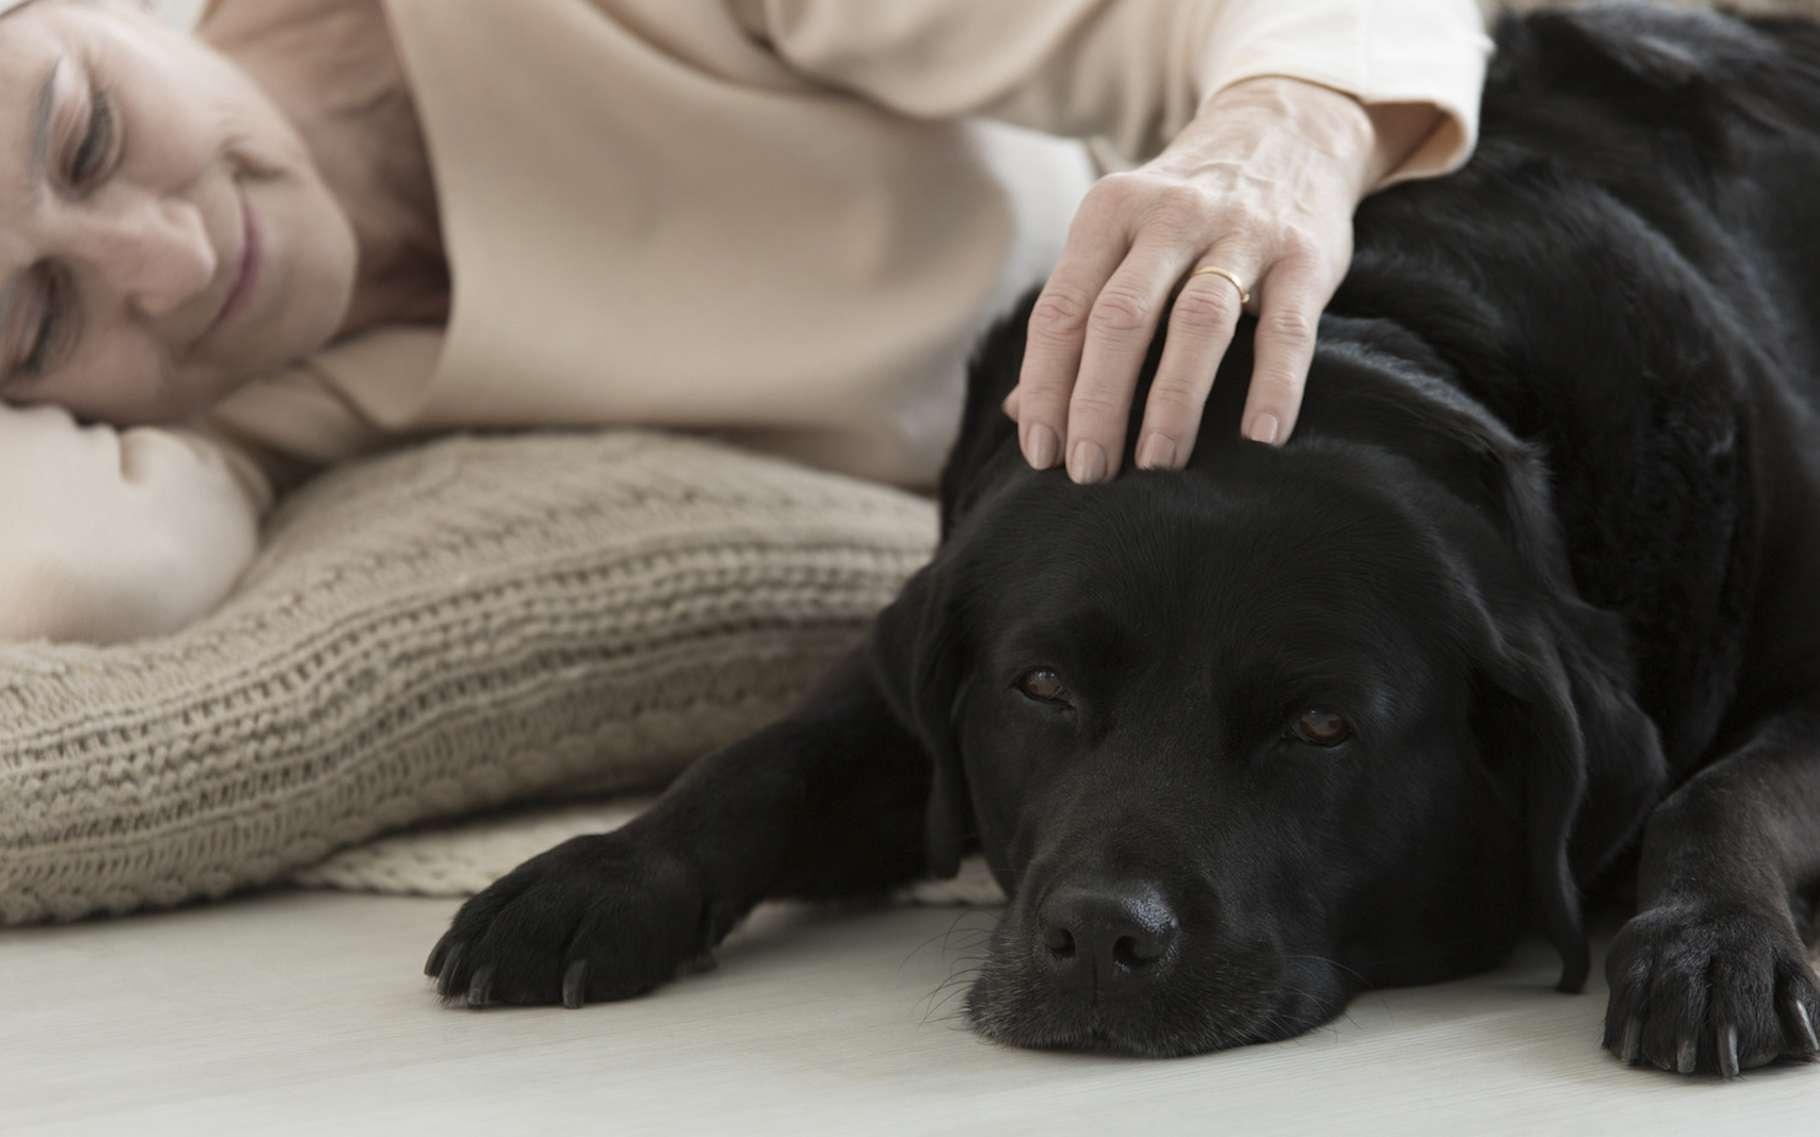 L'odorat des chiens est beaucoup plus développé que le nôtre. Selon des chercheurs américains, il pourrait même nous aider à mettre au point une méthode de dépistage des cancers, précoce et non invasive. © Photographee.eu, Fotolia